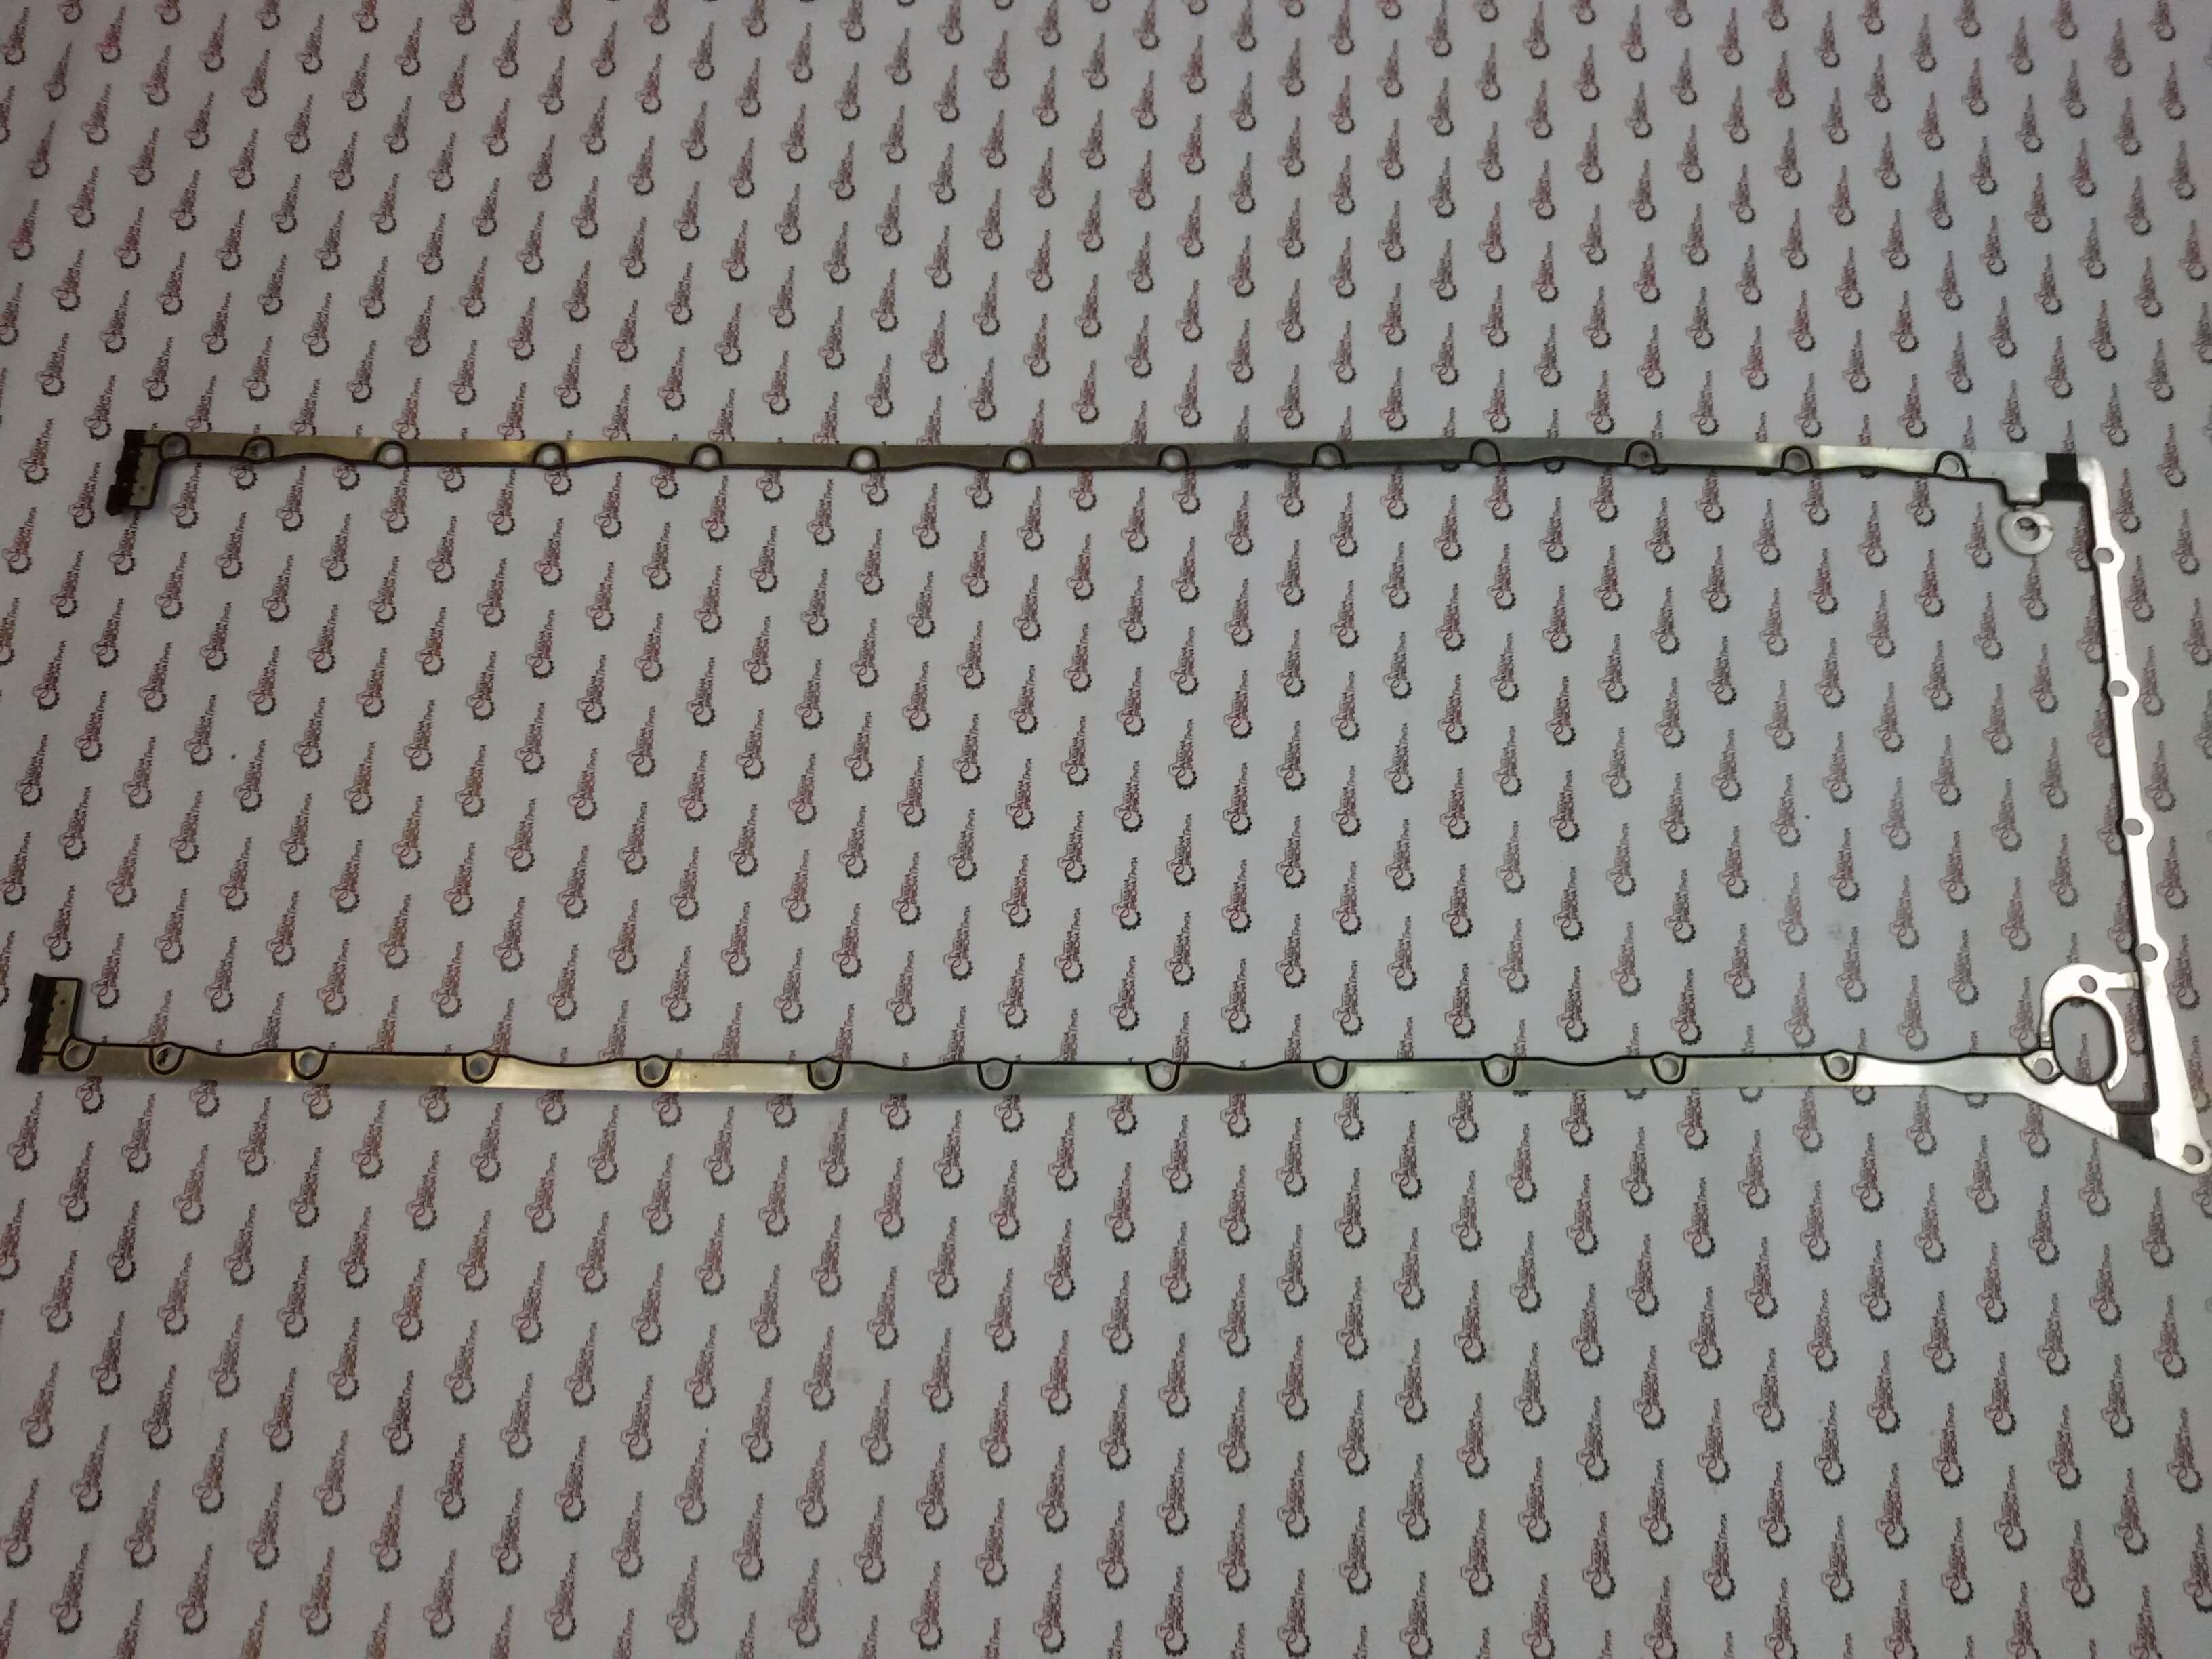 Прокладка перехідника піддону картера Cummins KTA19, 4371877, 4000595, 3081611.